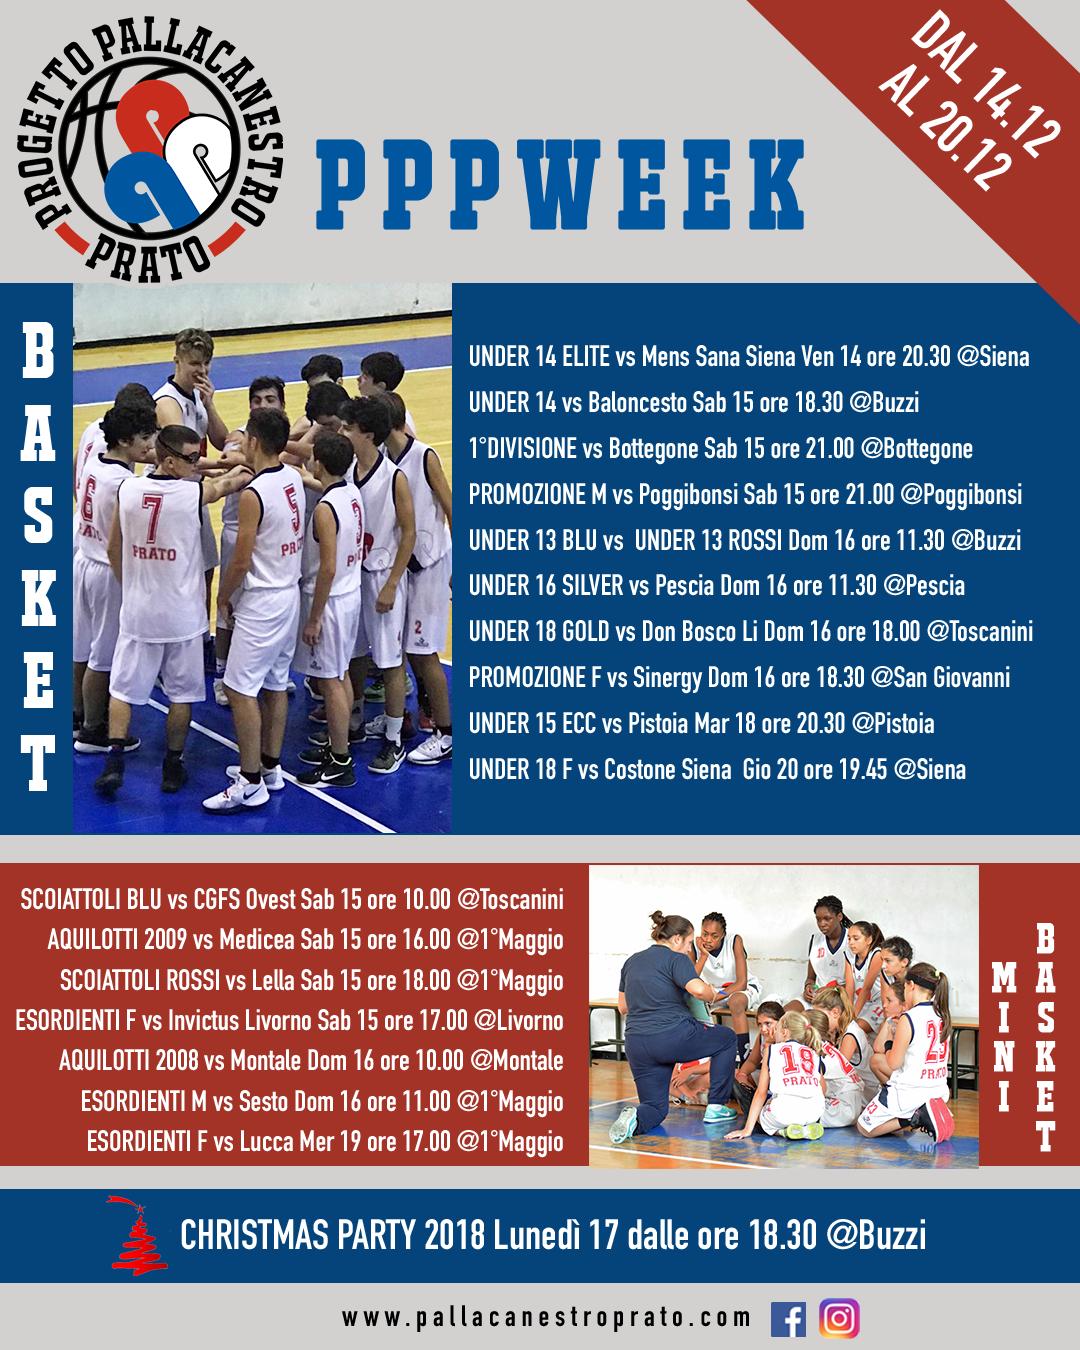 pppweek dal 14 al 20 dicembre 2018_2019